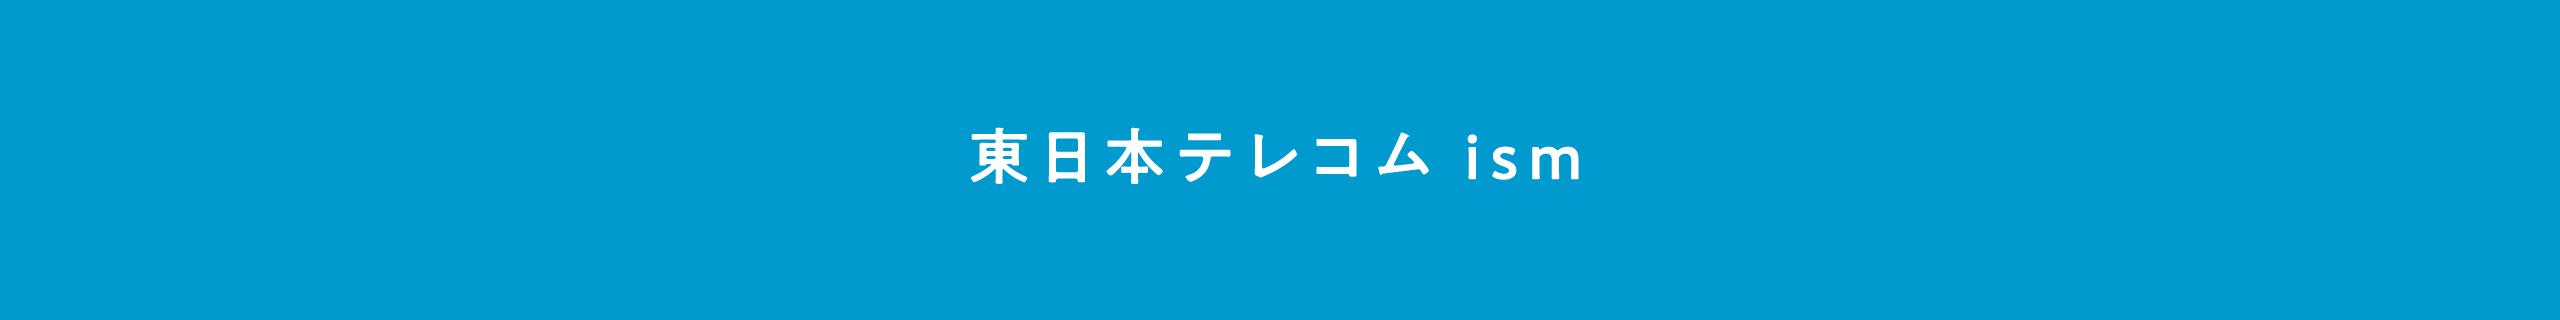 東日本テレコム ism